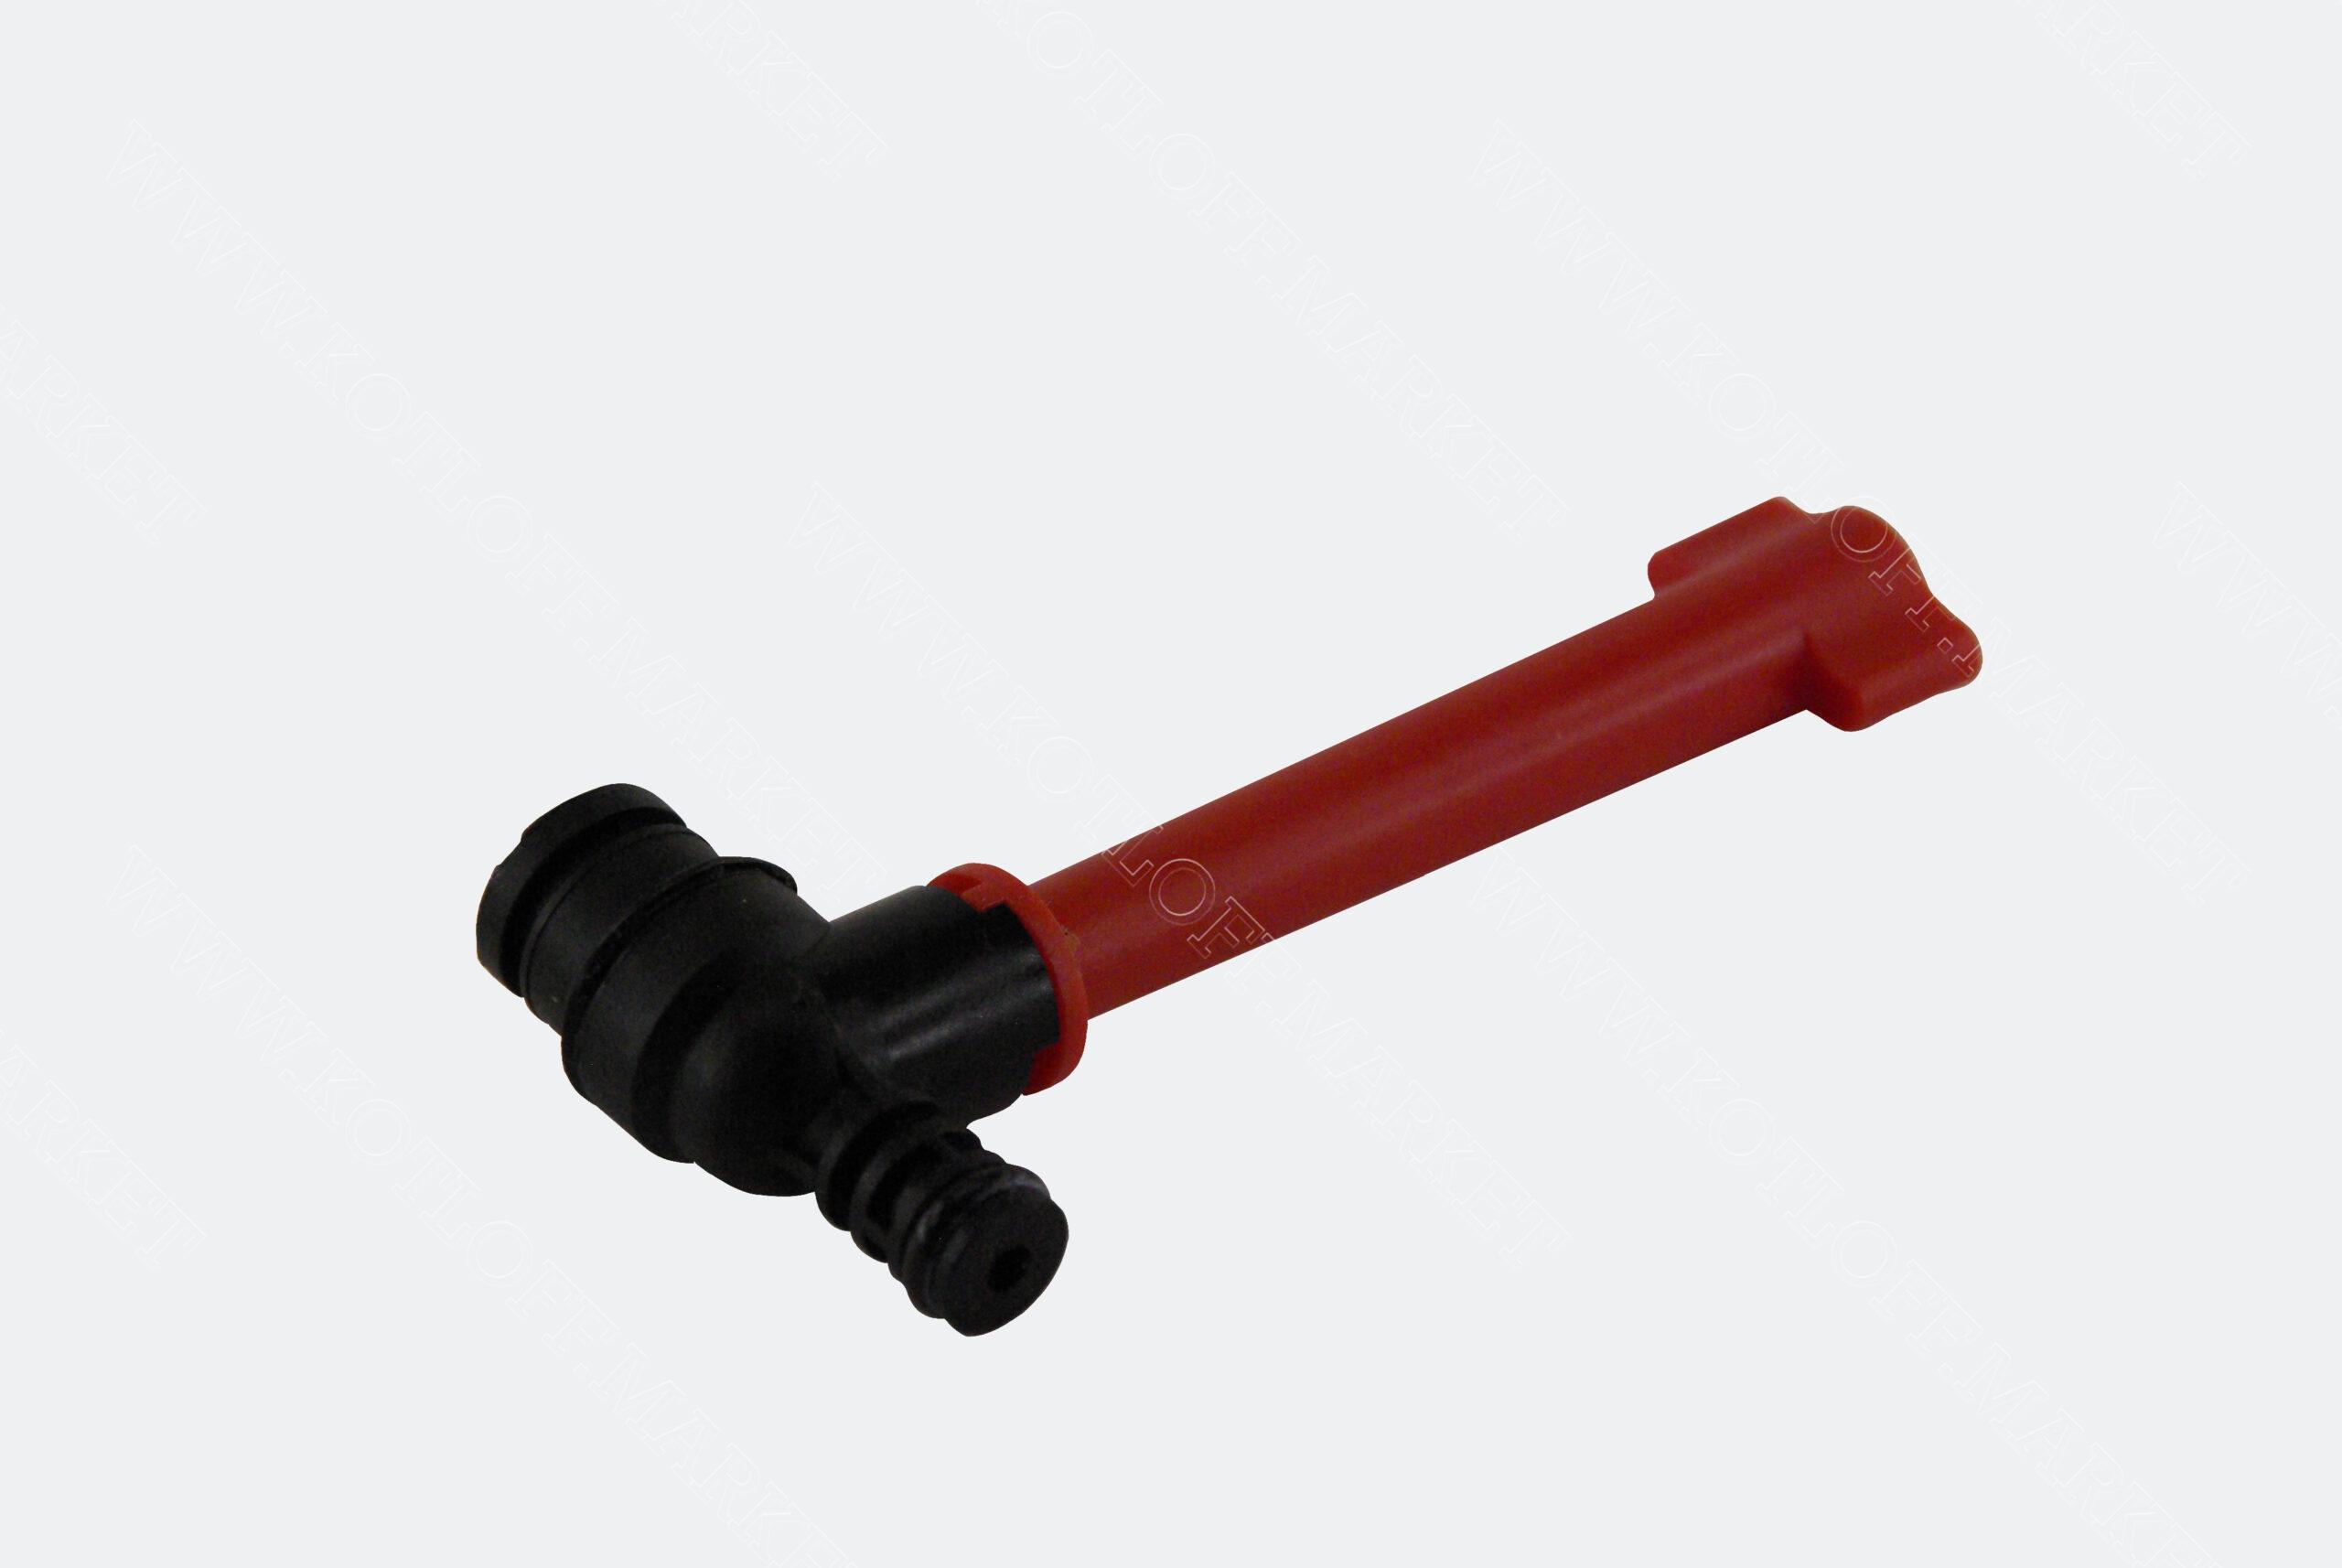 Клапан подпитки на газовый котел Bosch Gaz 4000W ZWA24-2 арт. 8716012720